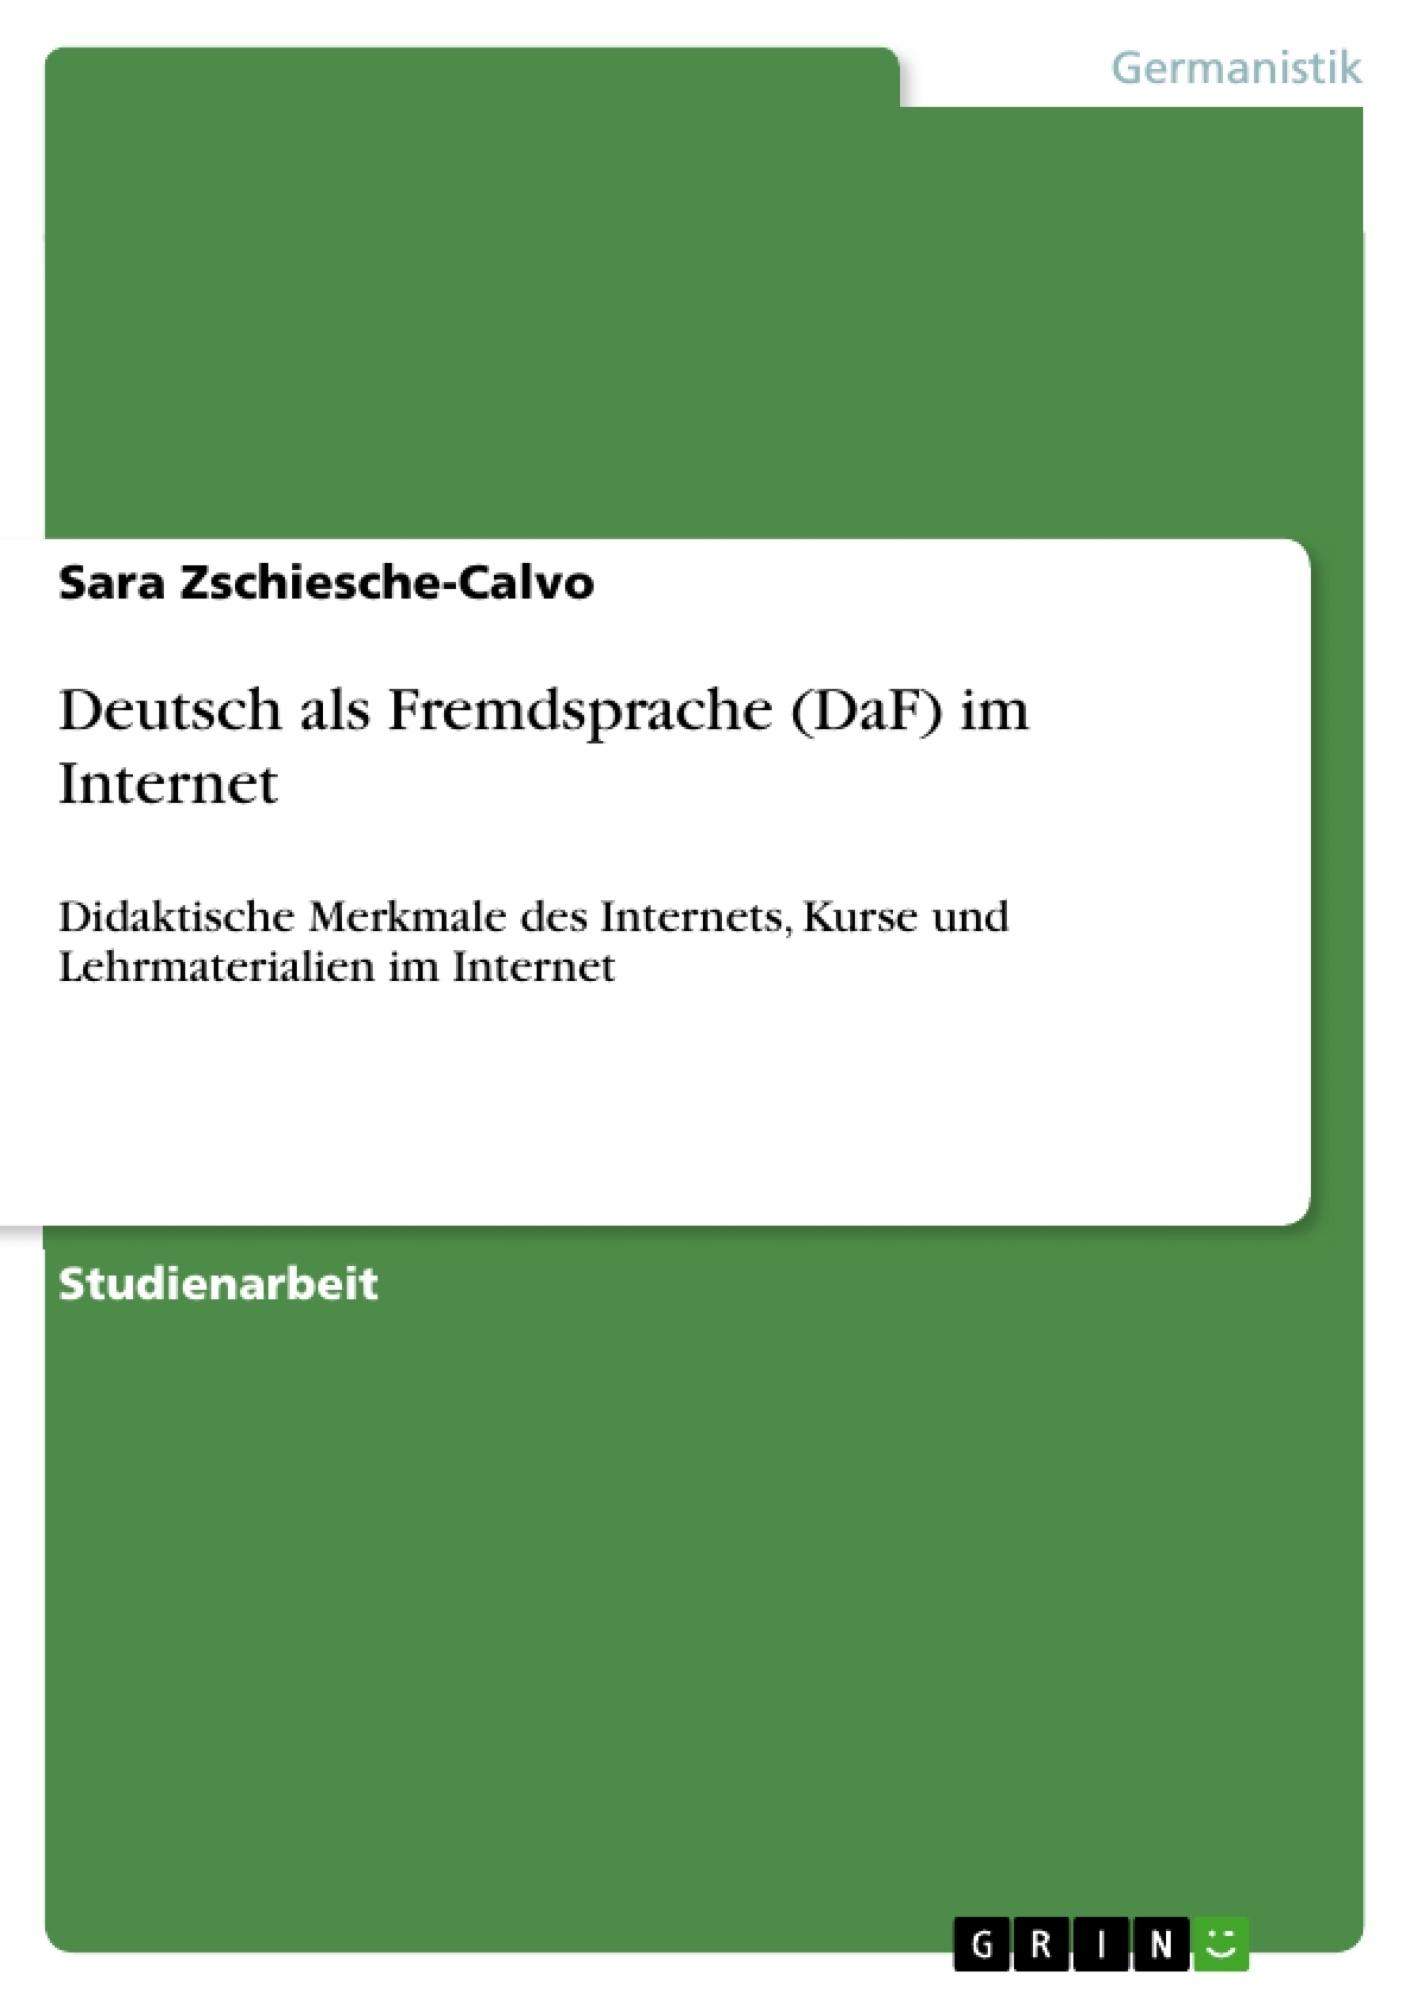 Titel: Deutsch als Fremdsprache (DaF) im Internet